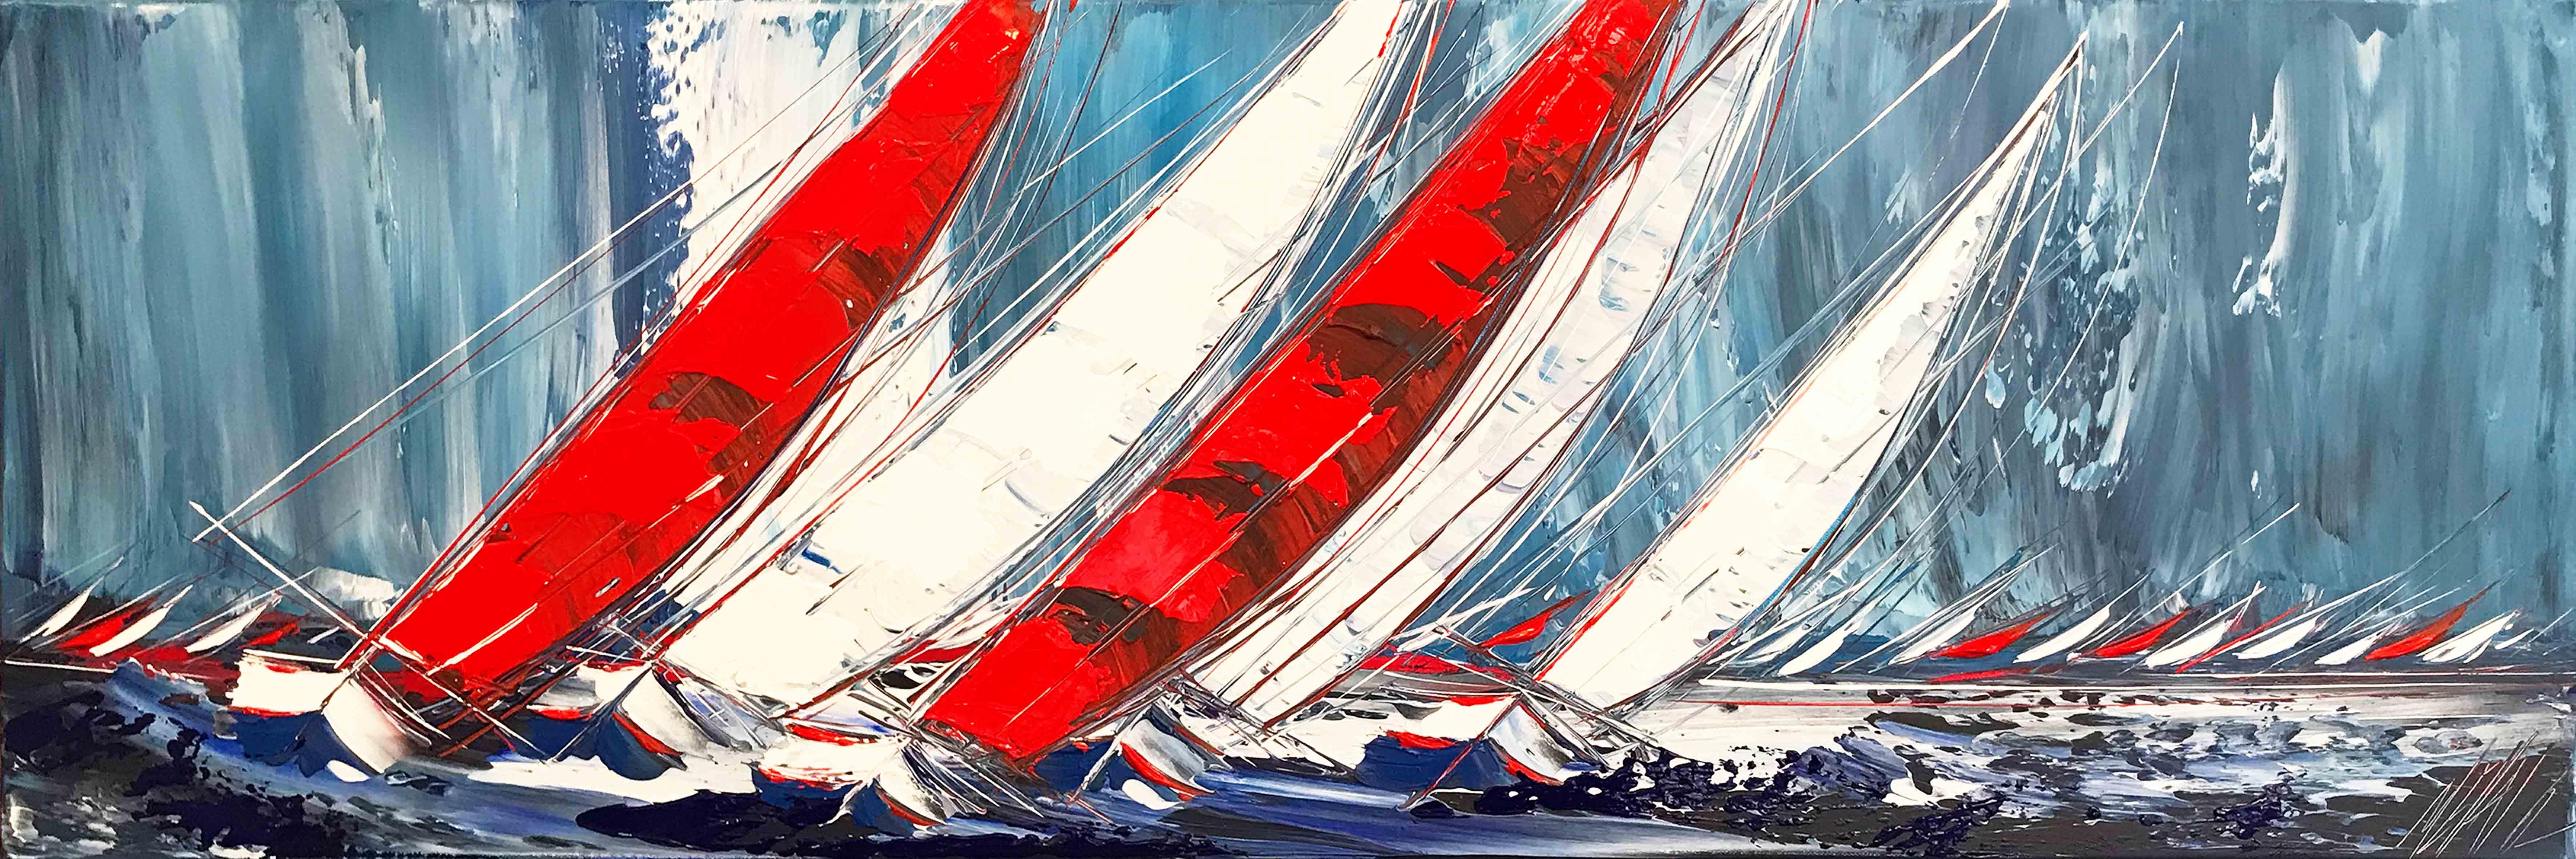 Les deux voiliers rouges...   40x120